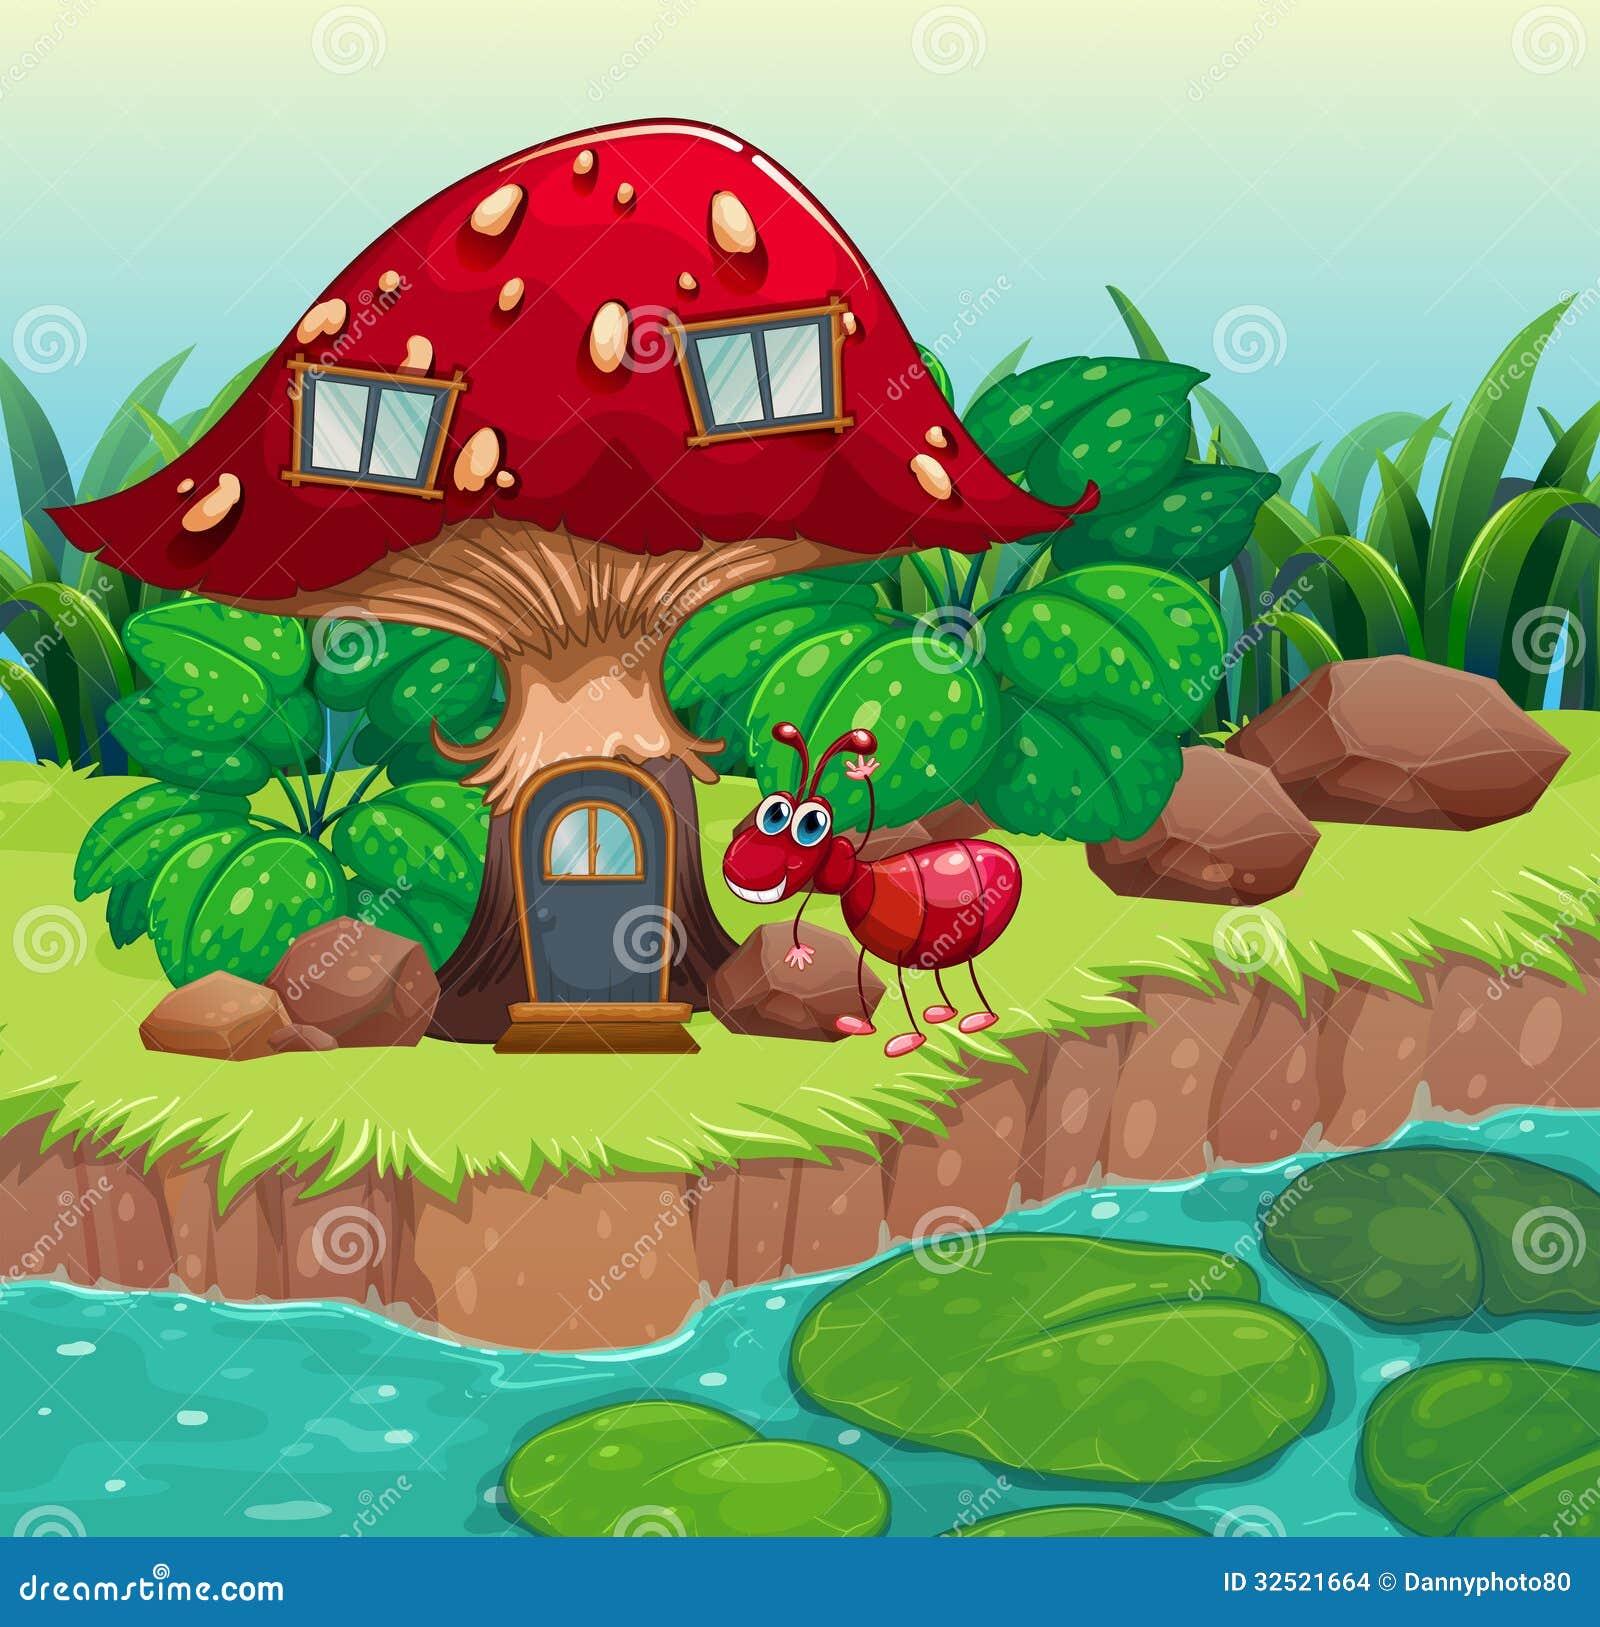 An Ant Near The Red Mushroom House Stock Vector